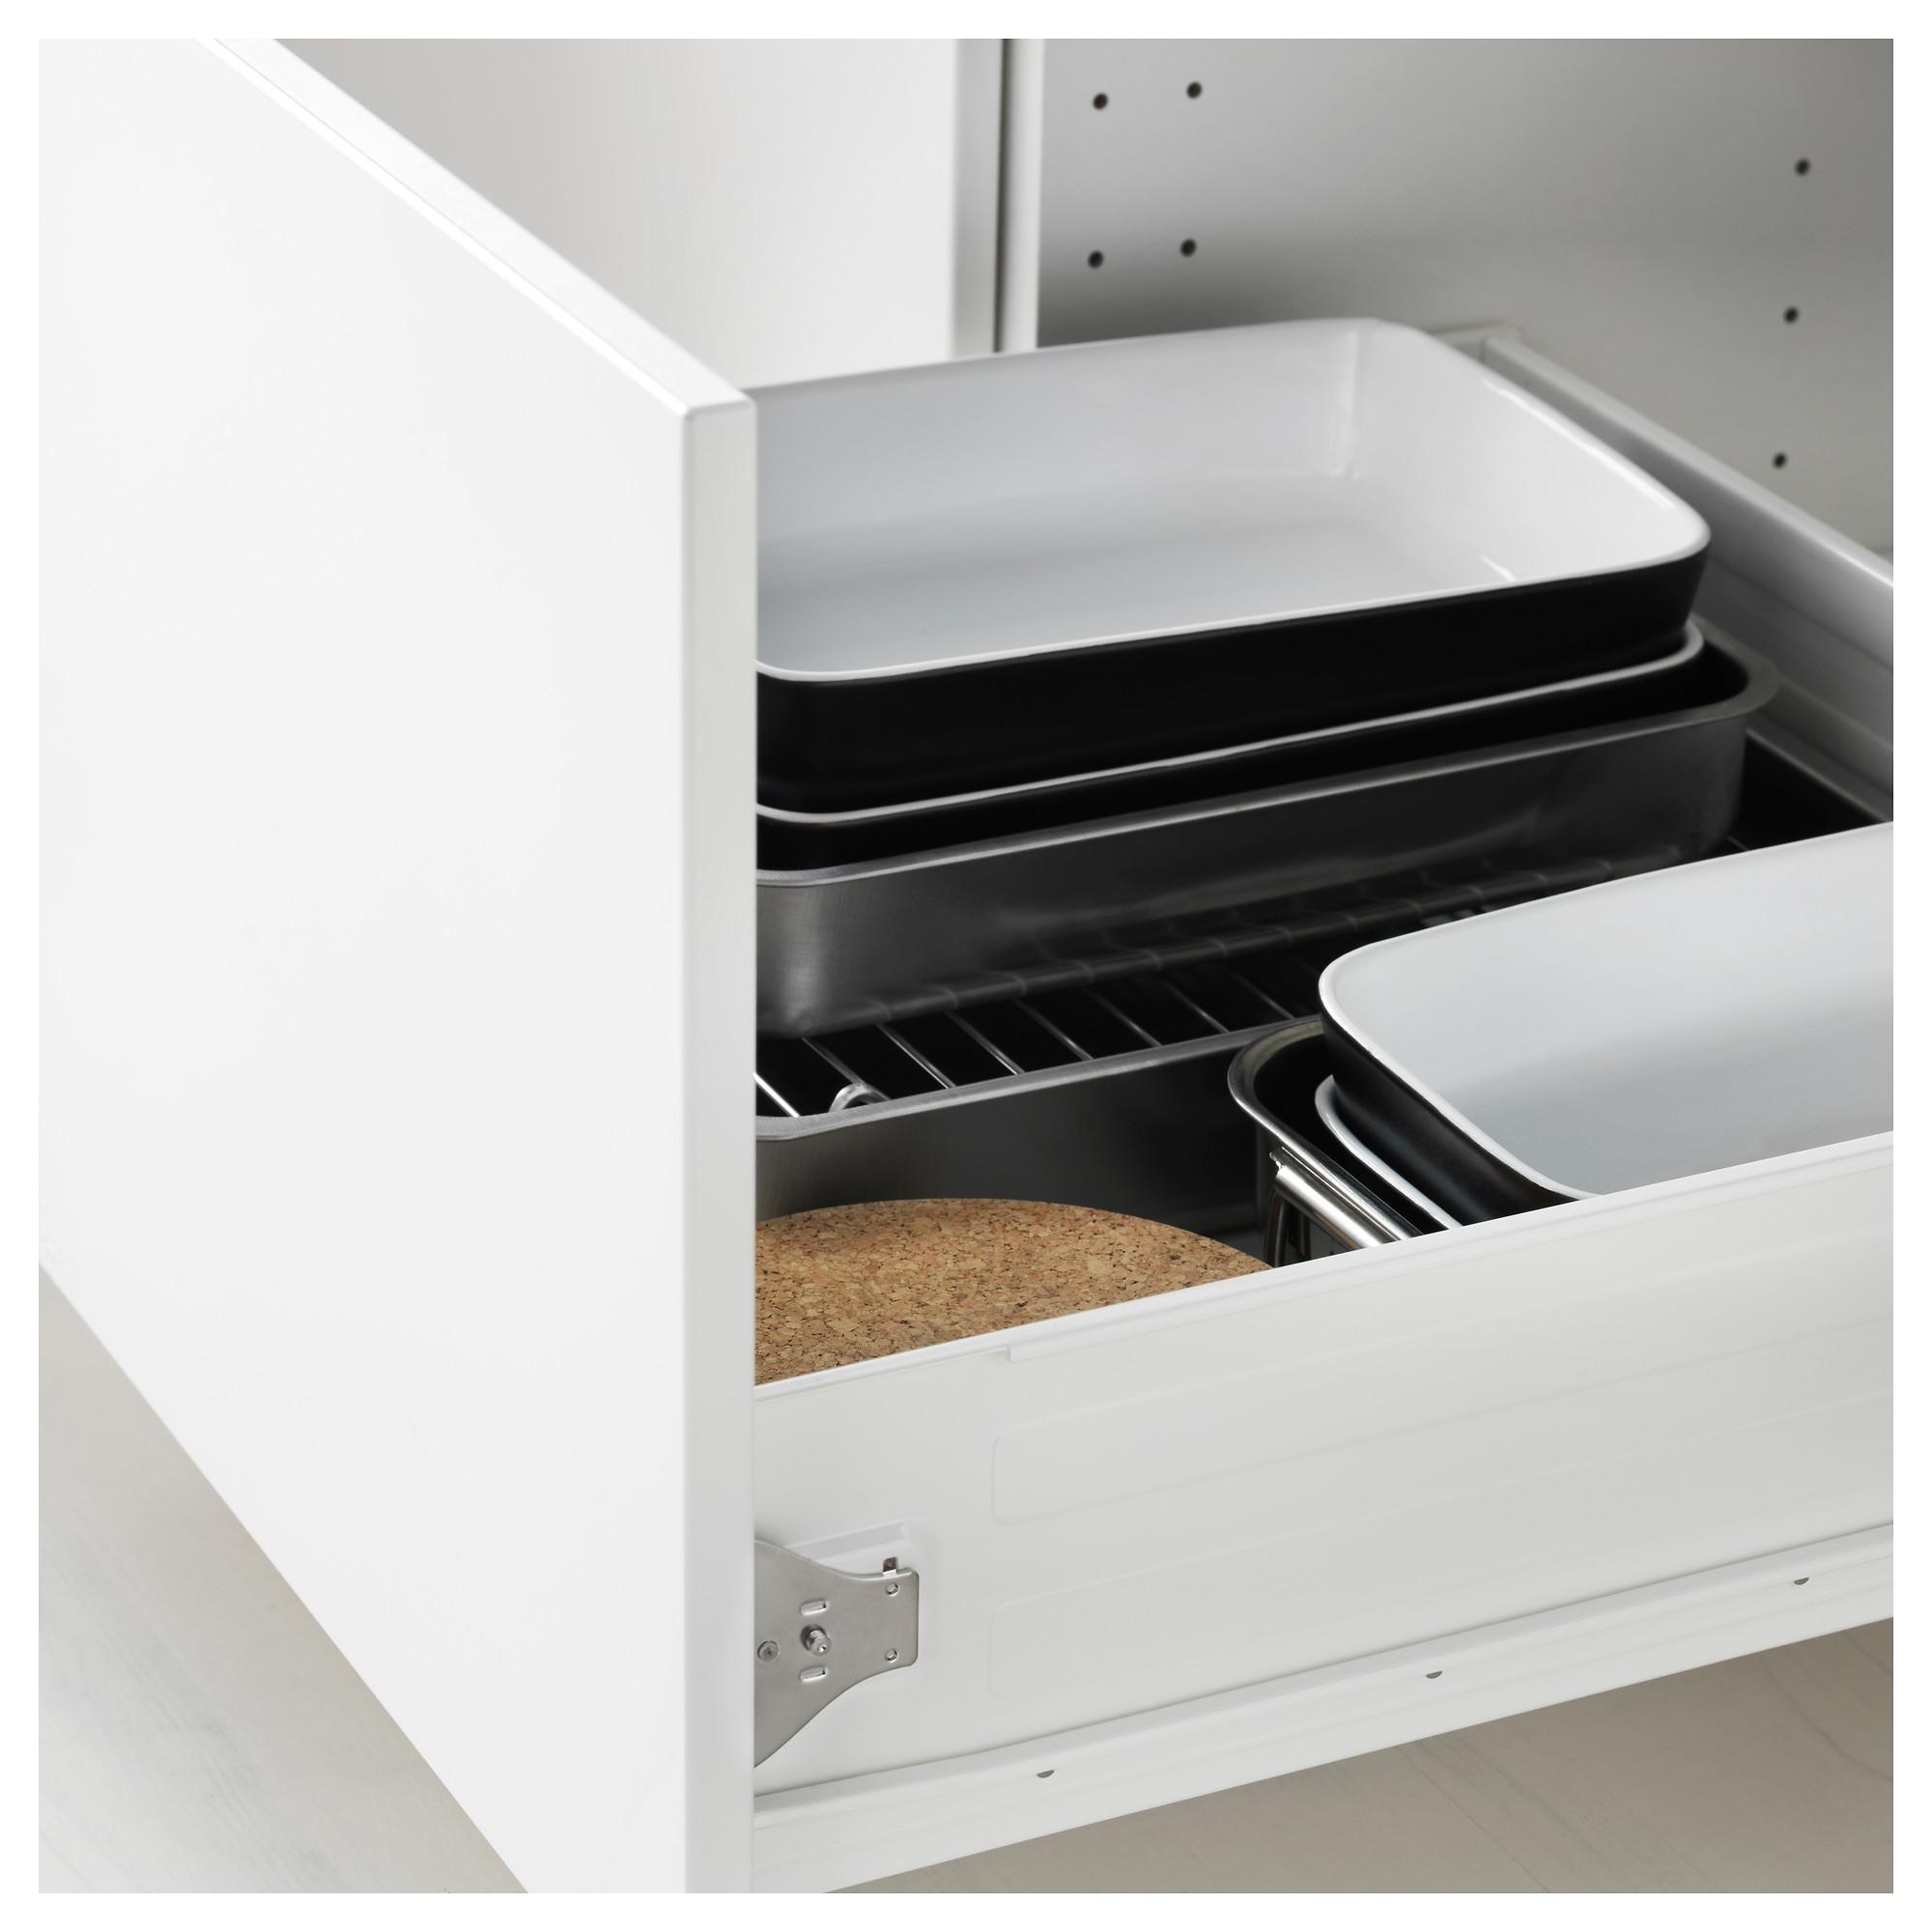 Высокий шкаф для духовки комбинированный, духовка + дверца, 3 ящика МЕТОД / ФОРВАРА черный артикуль № 192.647.79 в наличии. Online сайт IKEA Беларусь. Недорогая доставка и установка.